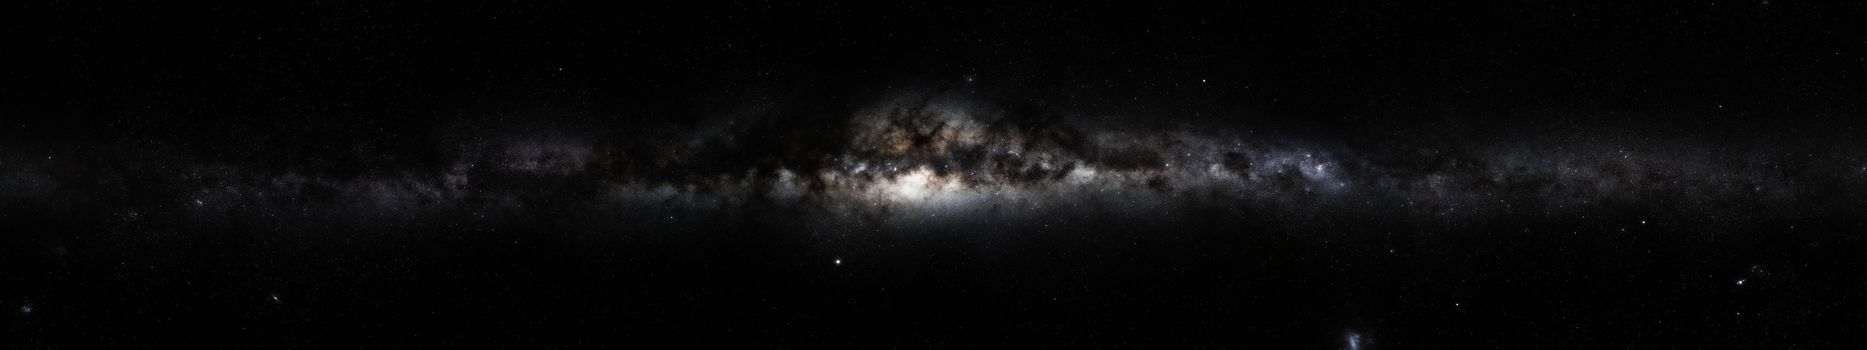 Бесплатные фото milky way,space,galaxy,triple screen